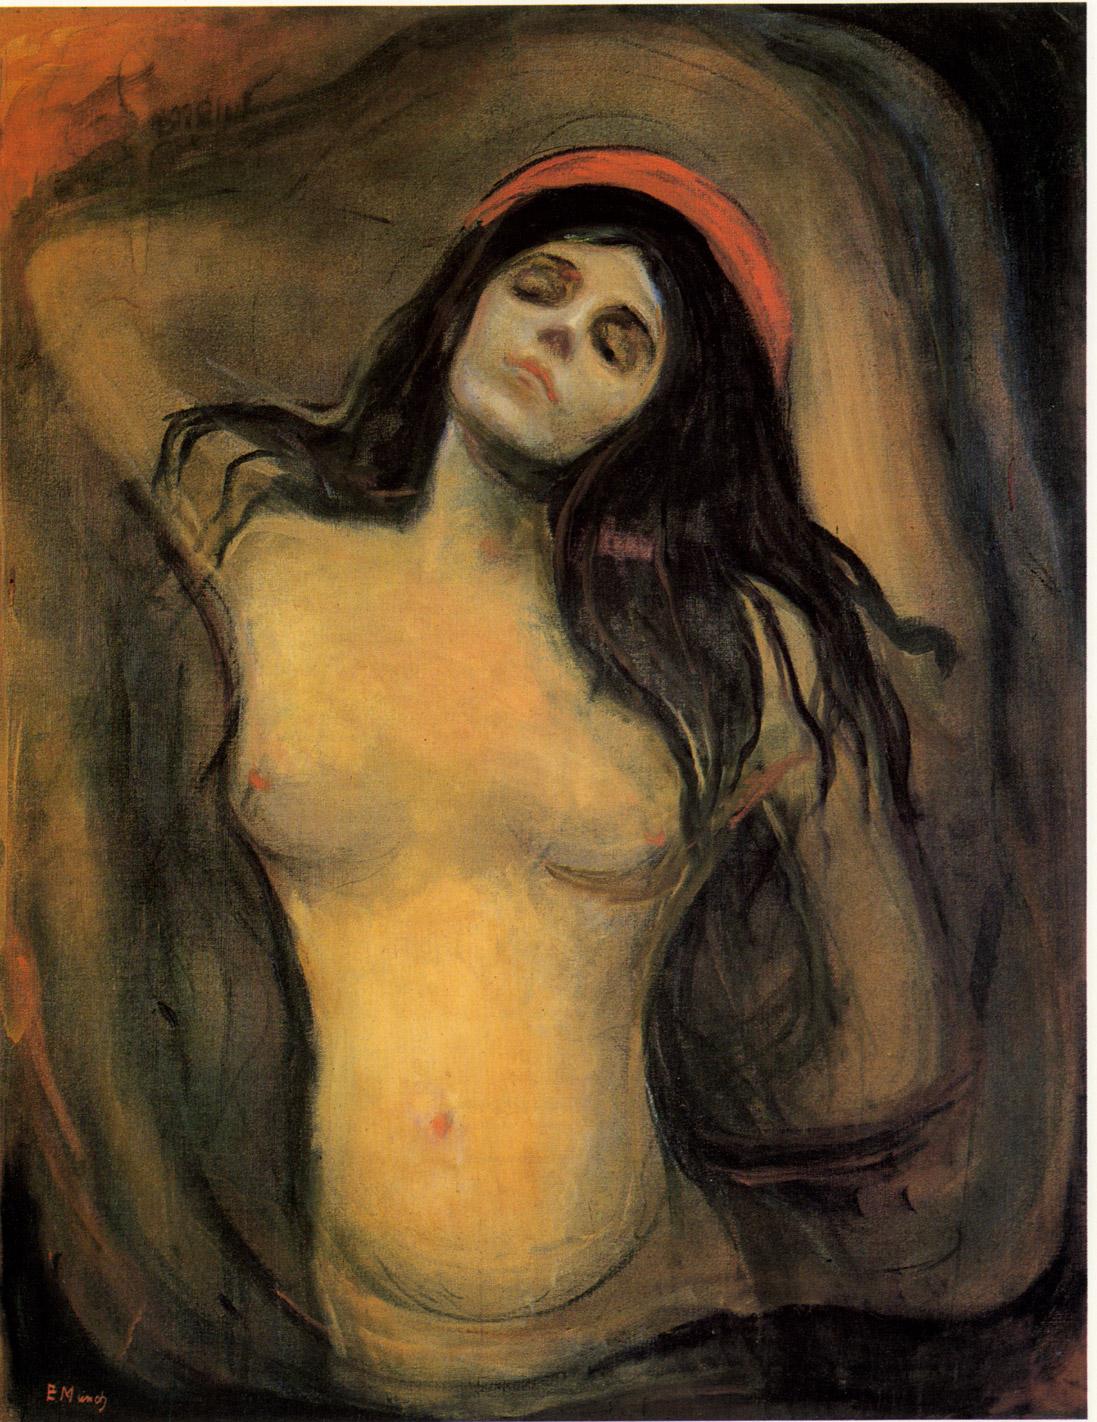 Edvard Munch, Madonna, 1895-97, Via Edvard Munch.com